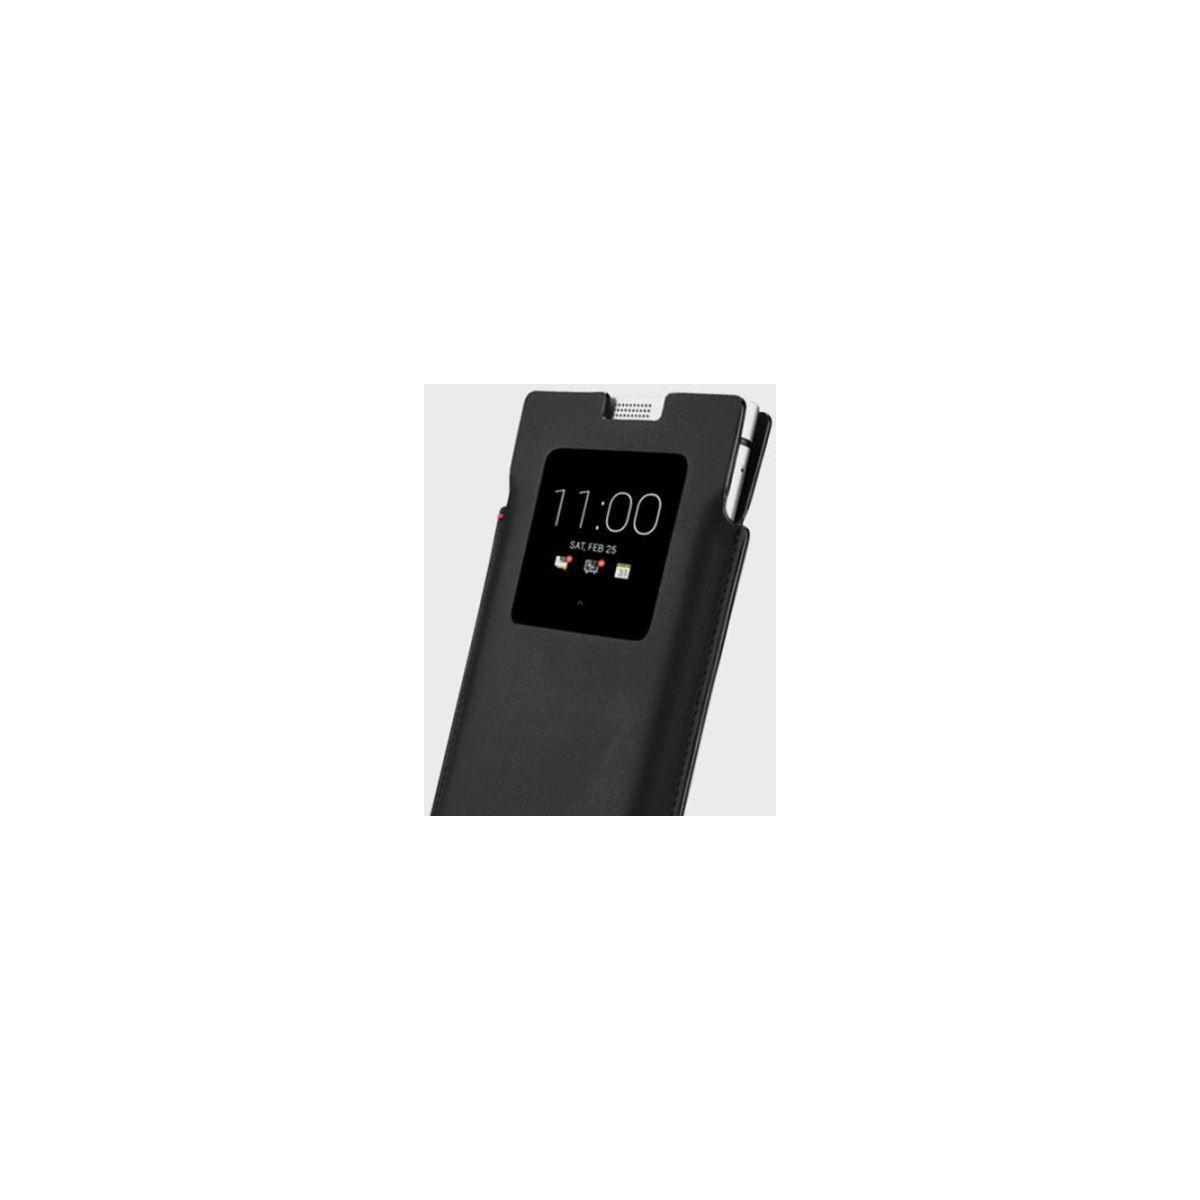 Etui blackberry smart pocket cuir noir - 10% de remise immédiate avec le code : cool10